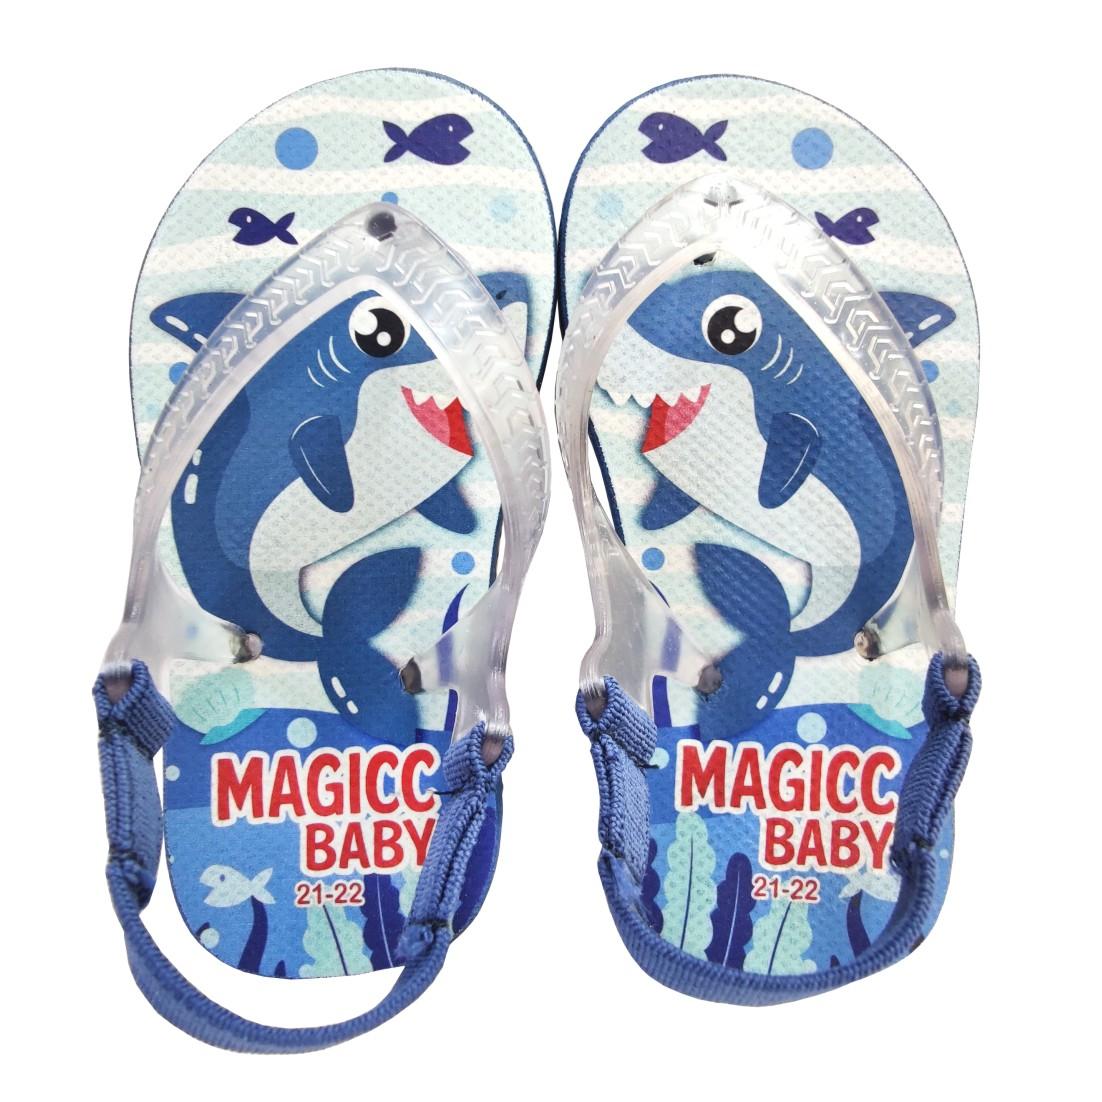 Chinelo Menino Bebê Sandália Tubarão Magicc Baby